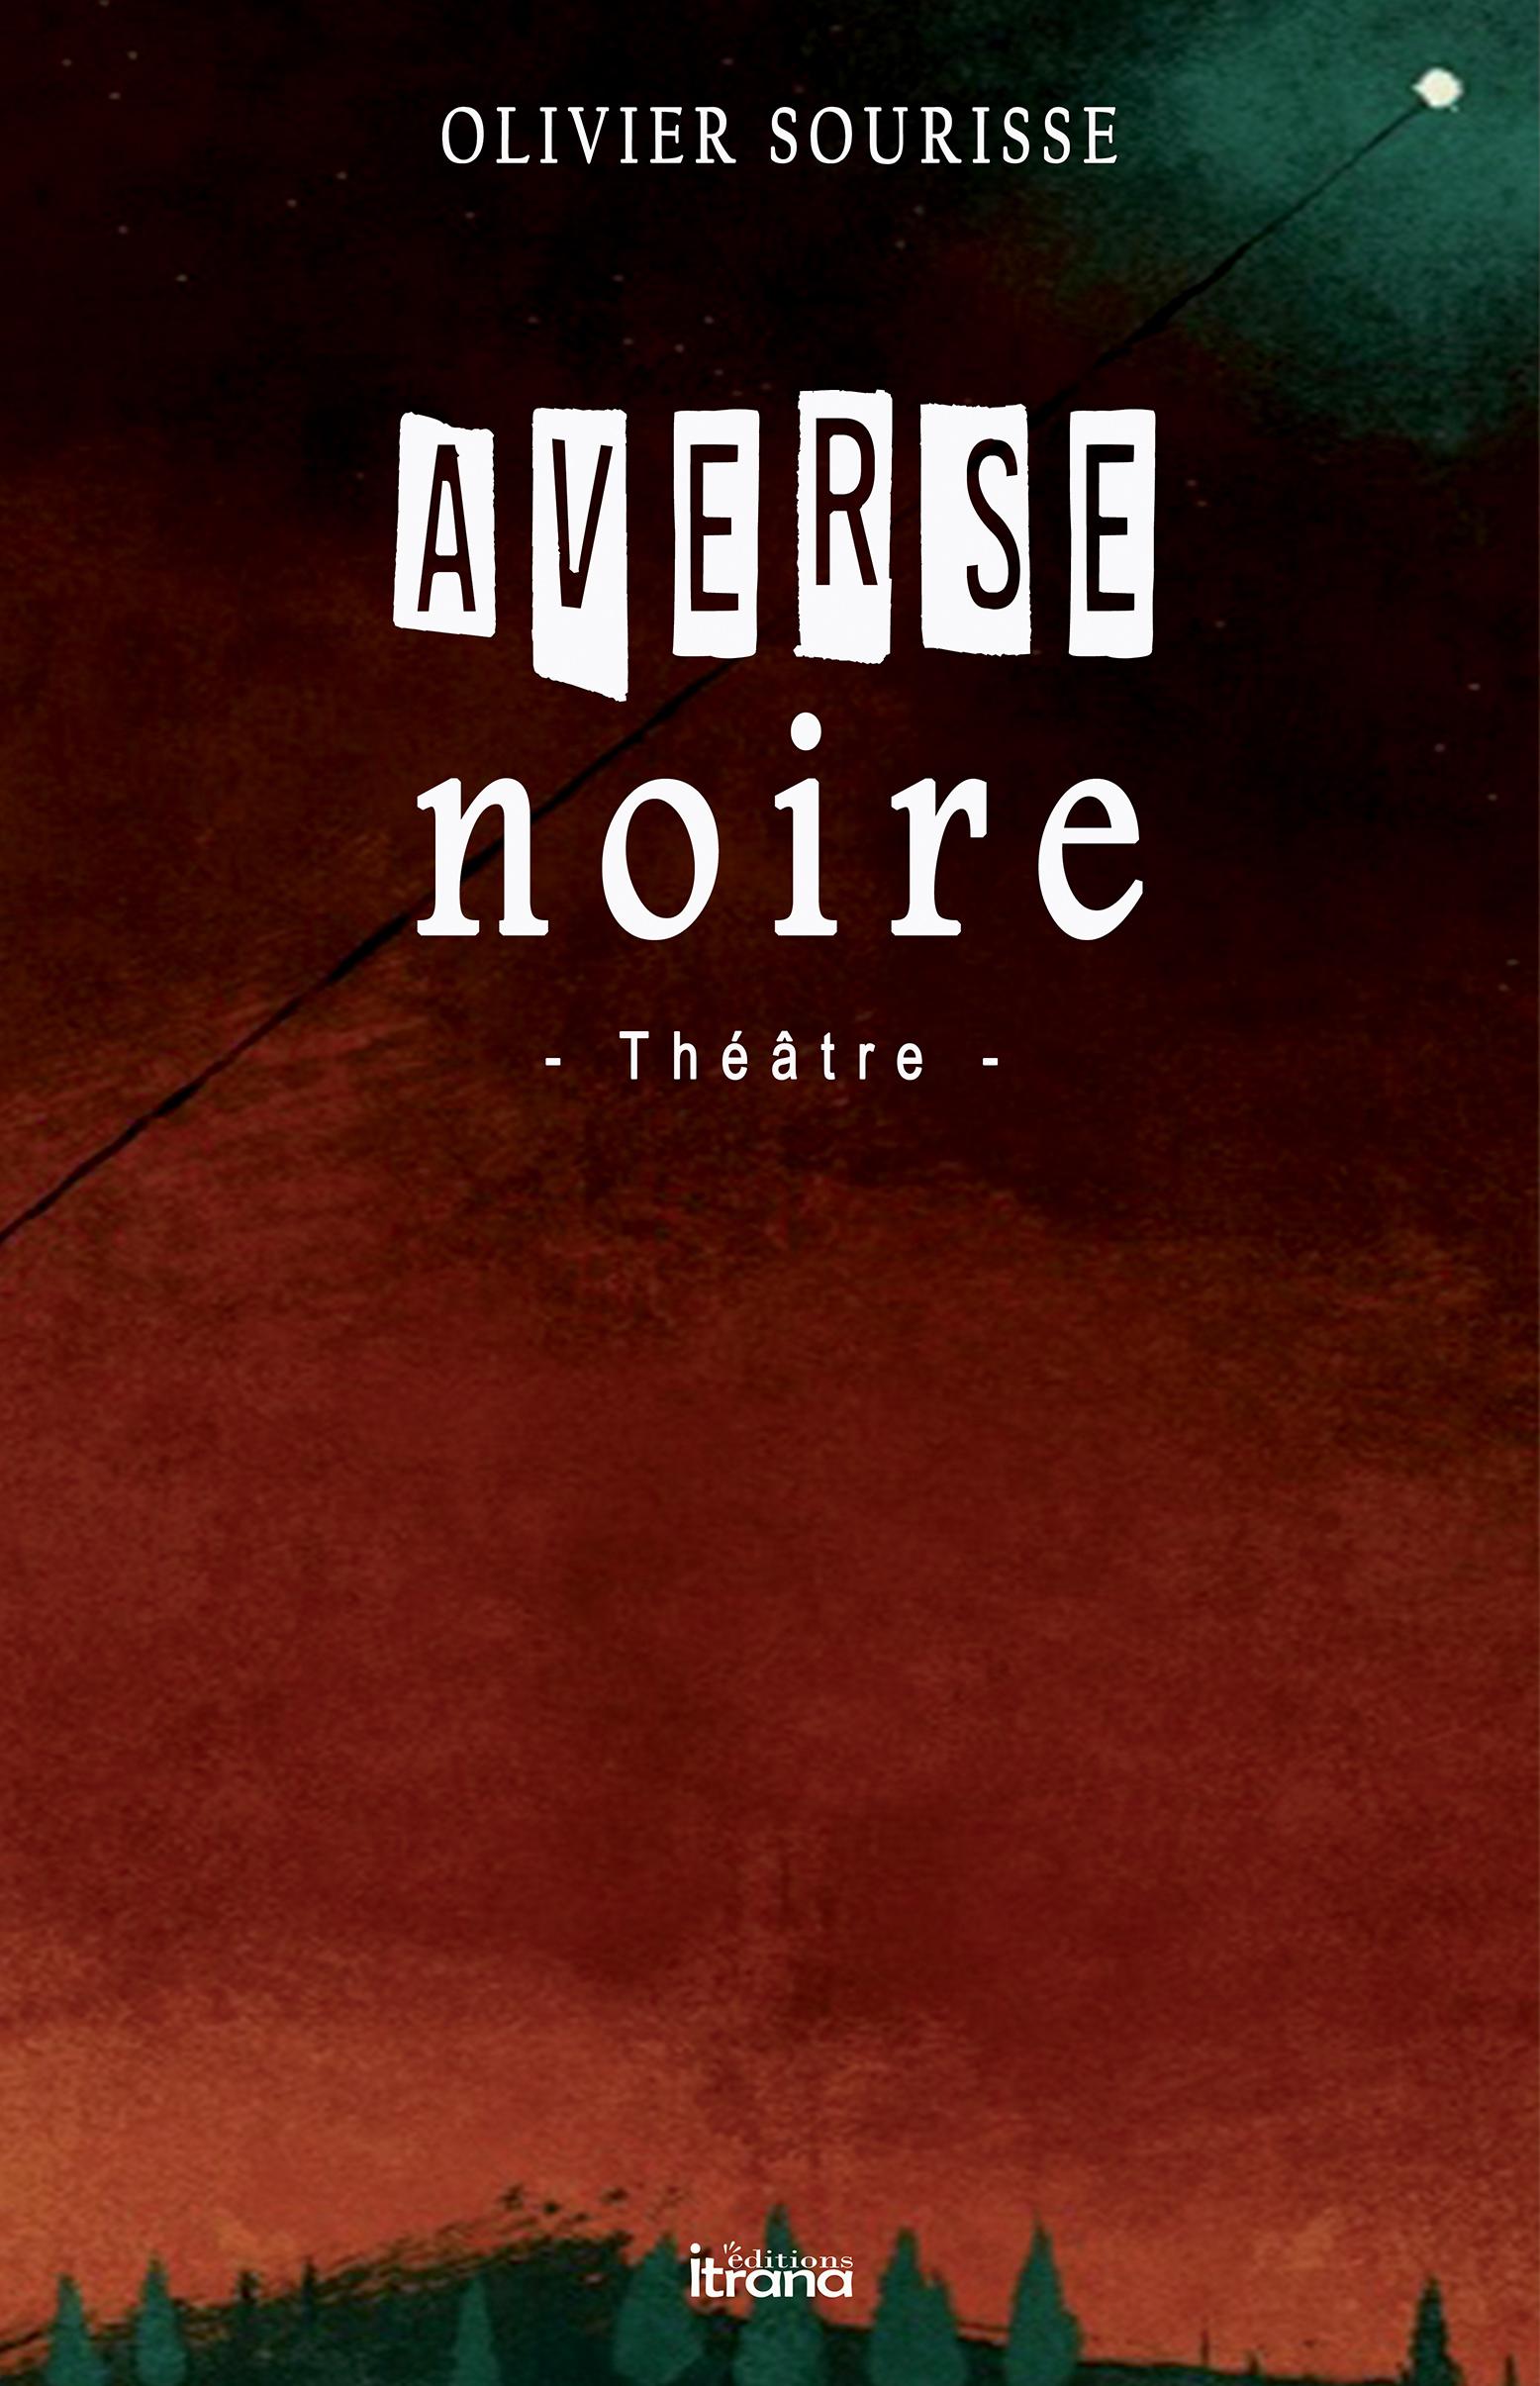 AVERSE NOIRE